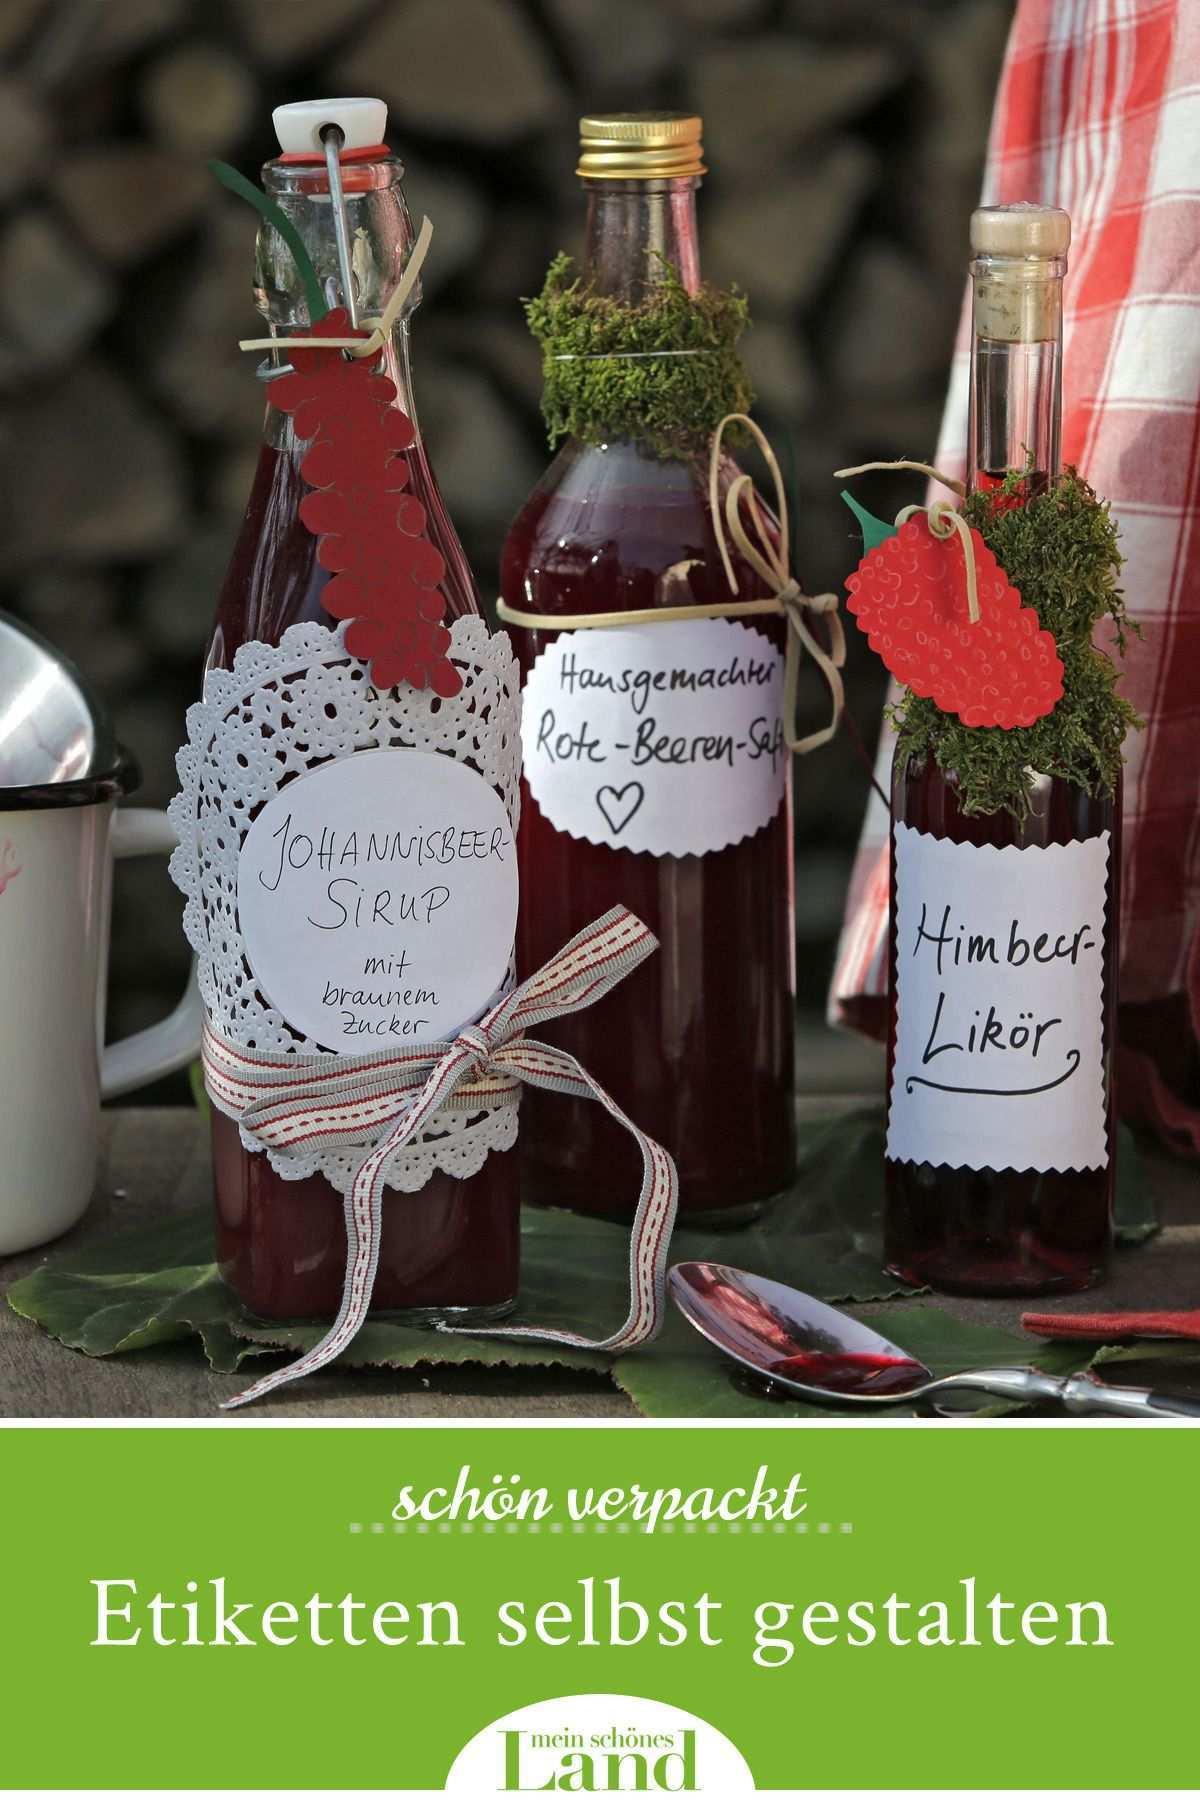 Flaschen Etiketten Selbst Gestalten Etiketten Gestalten Etiketten Selber Machen Etiketten Fur Flaschen